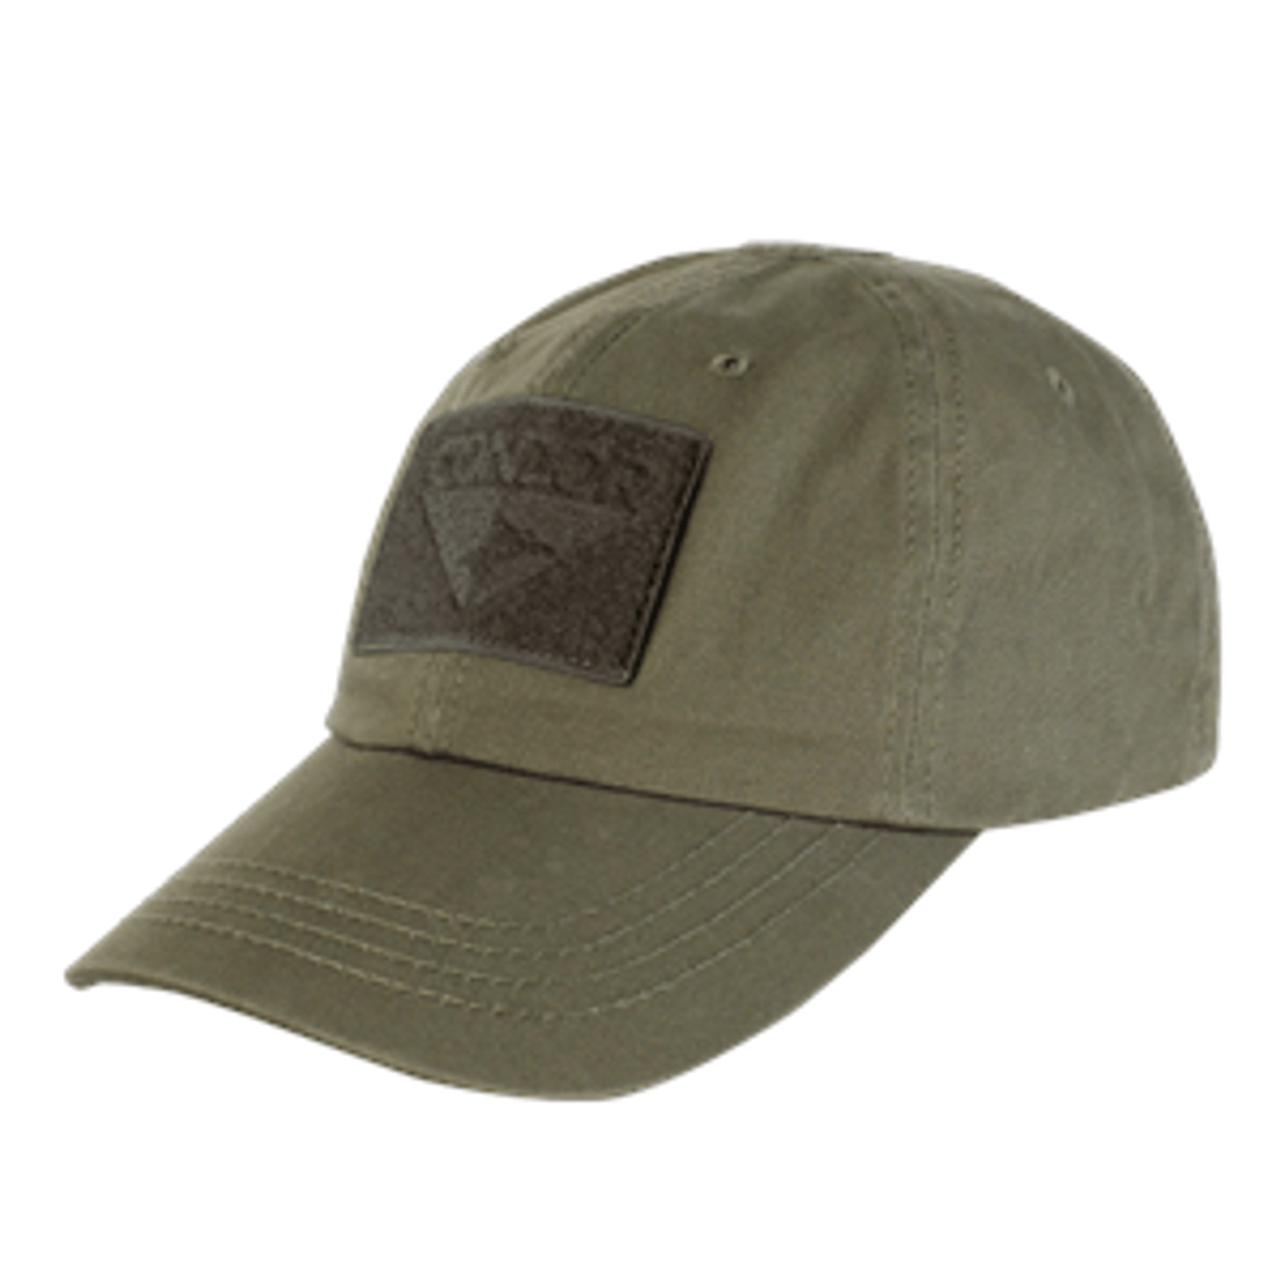 Condor - Tactical Cap (Olive Drab)